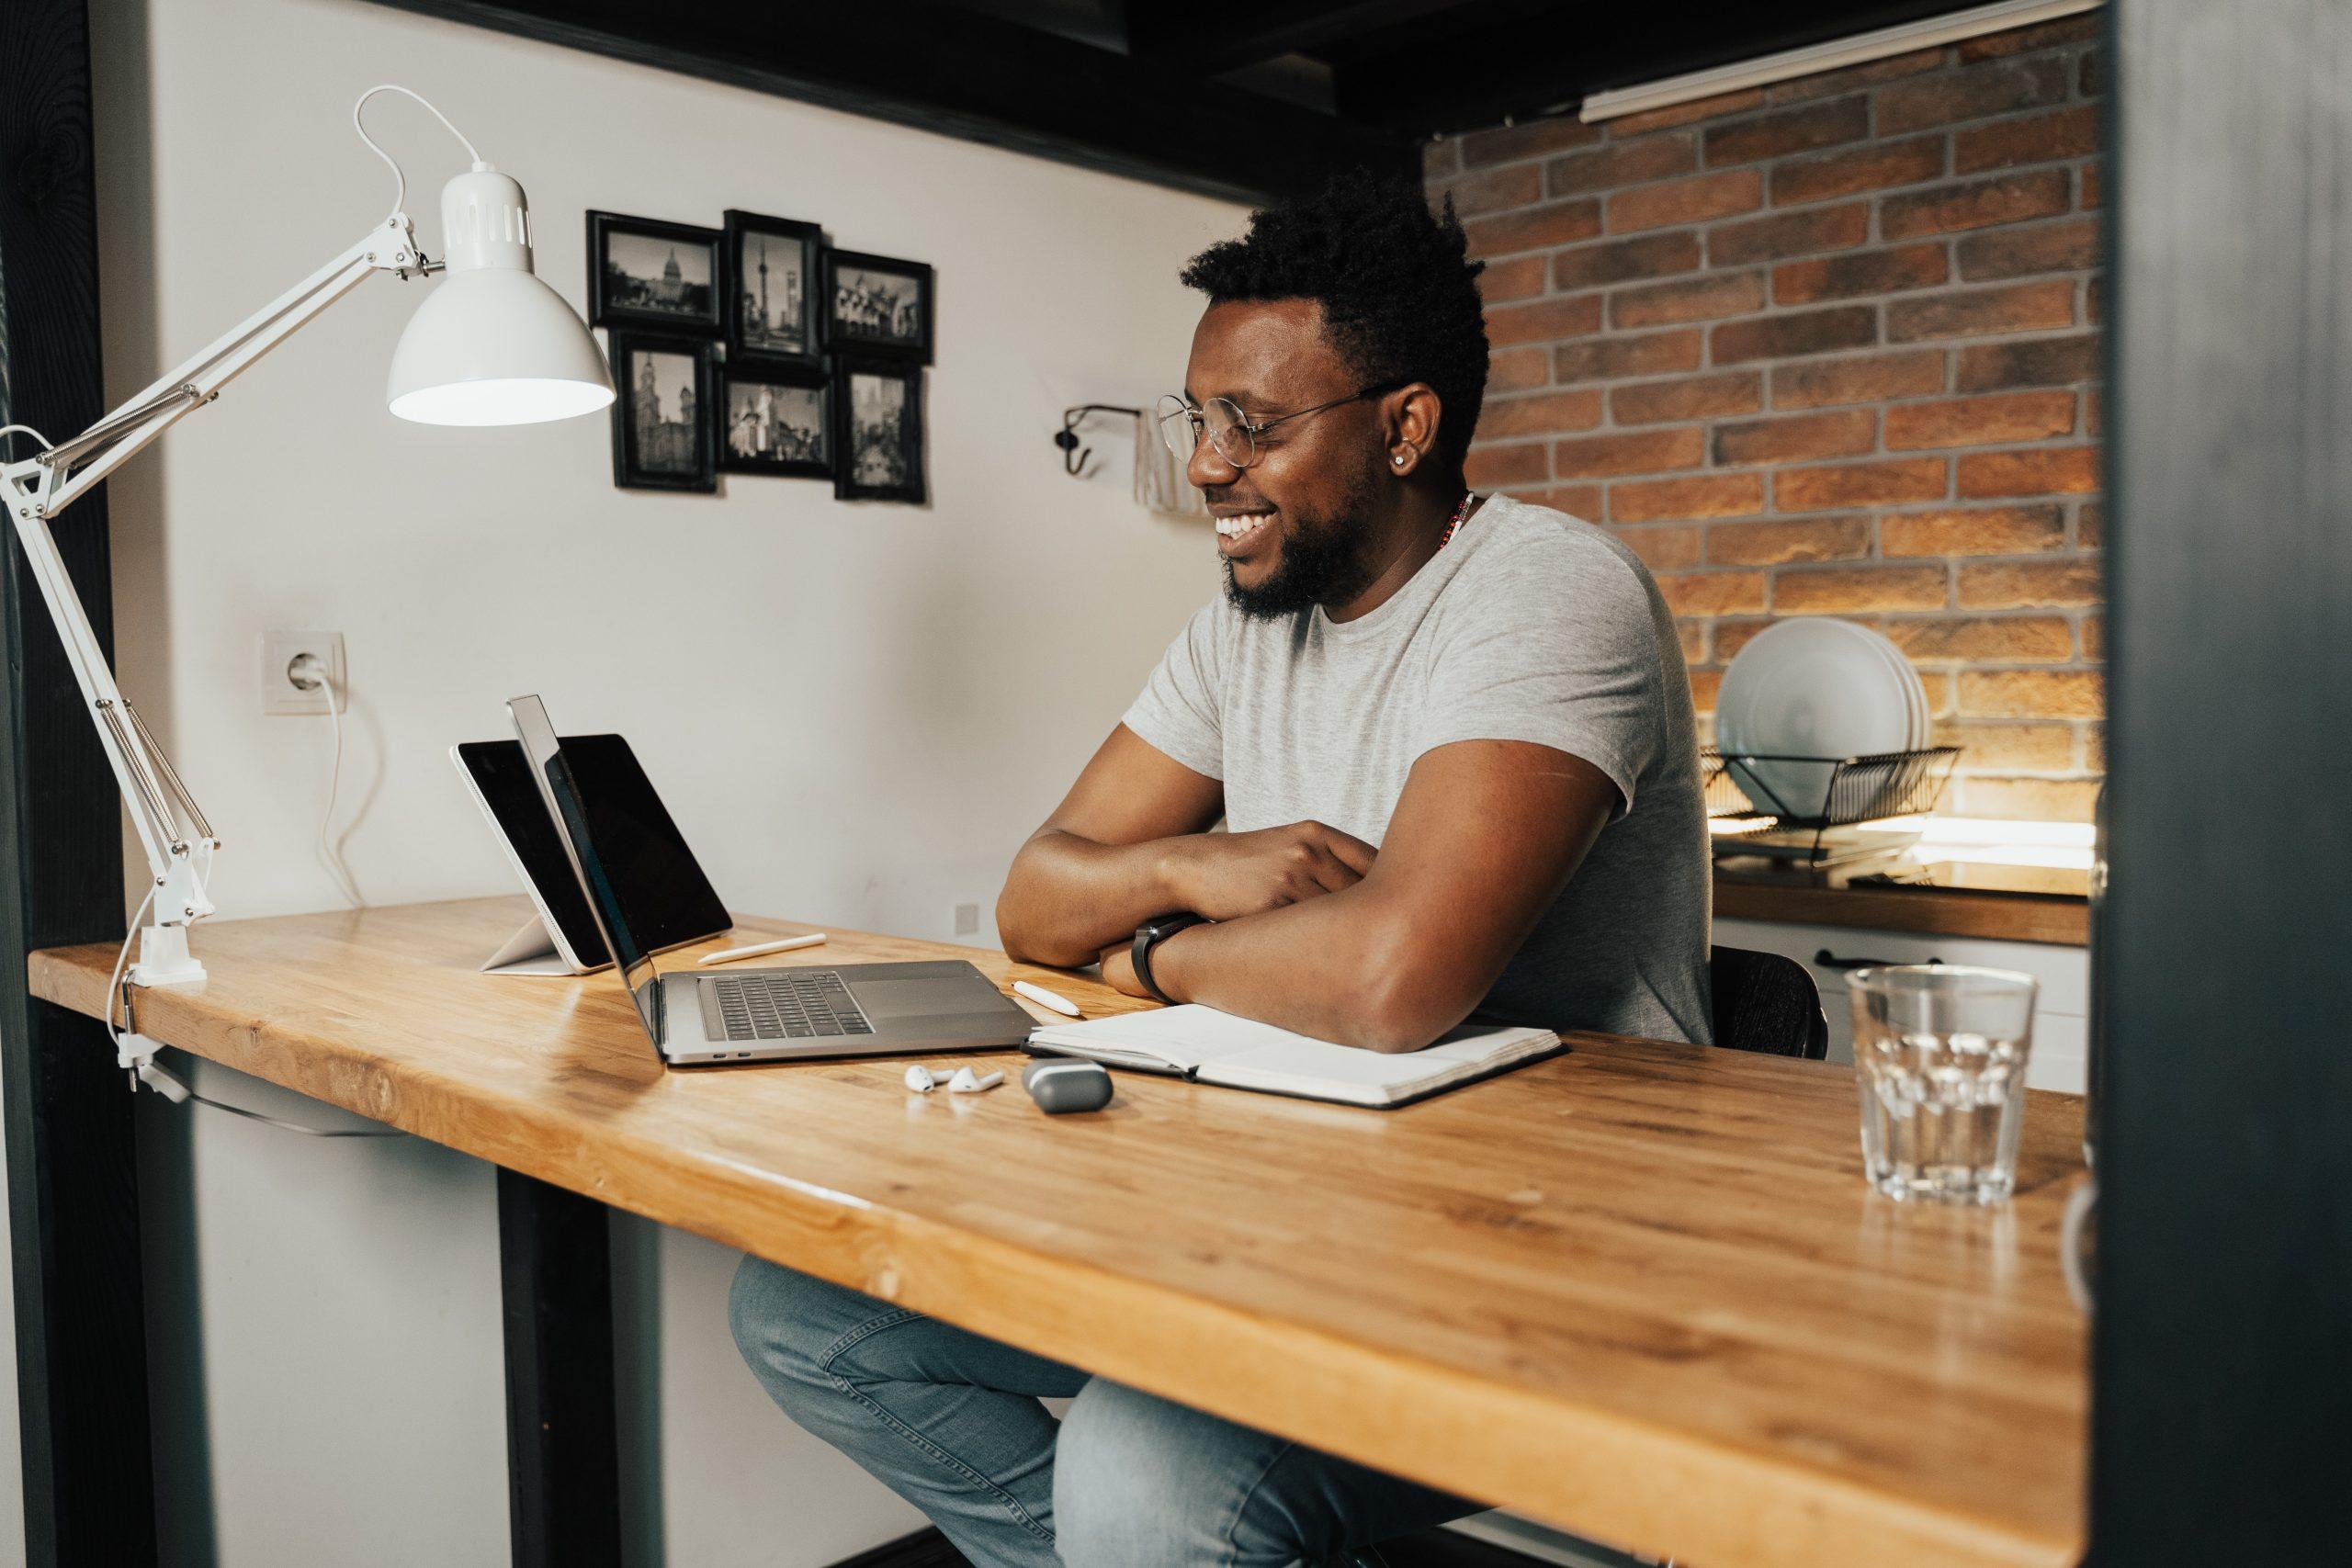 Na foto um homem sorrindo sentado em uma mesa olhando para um notebook.